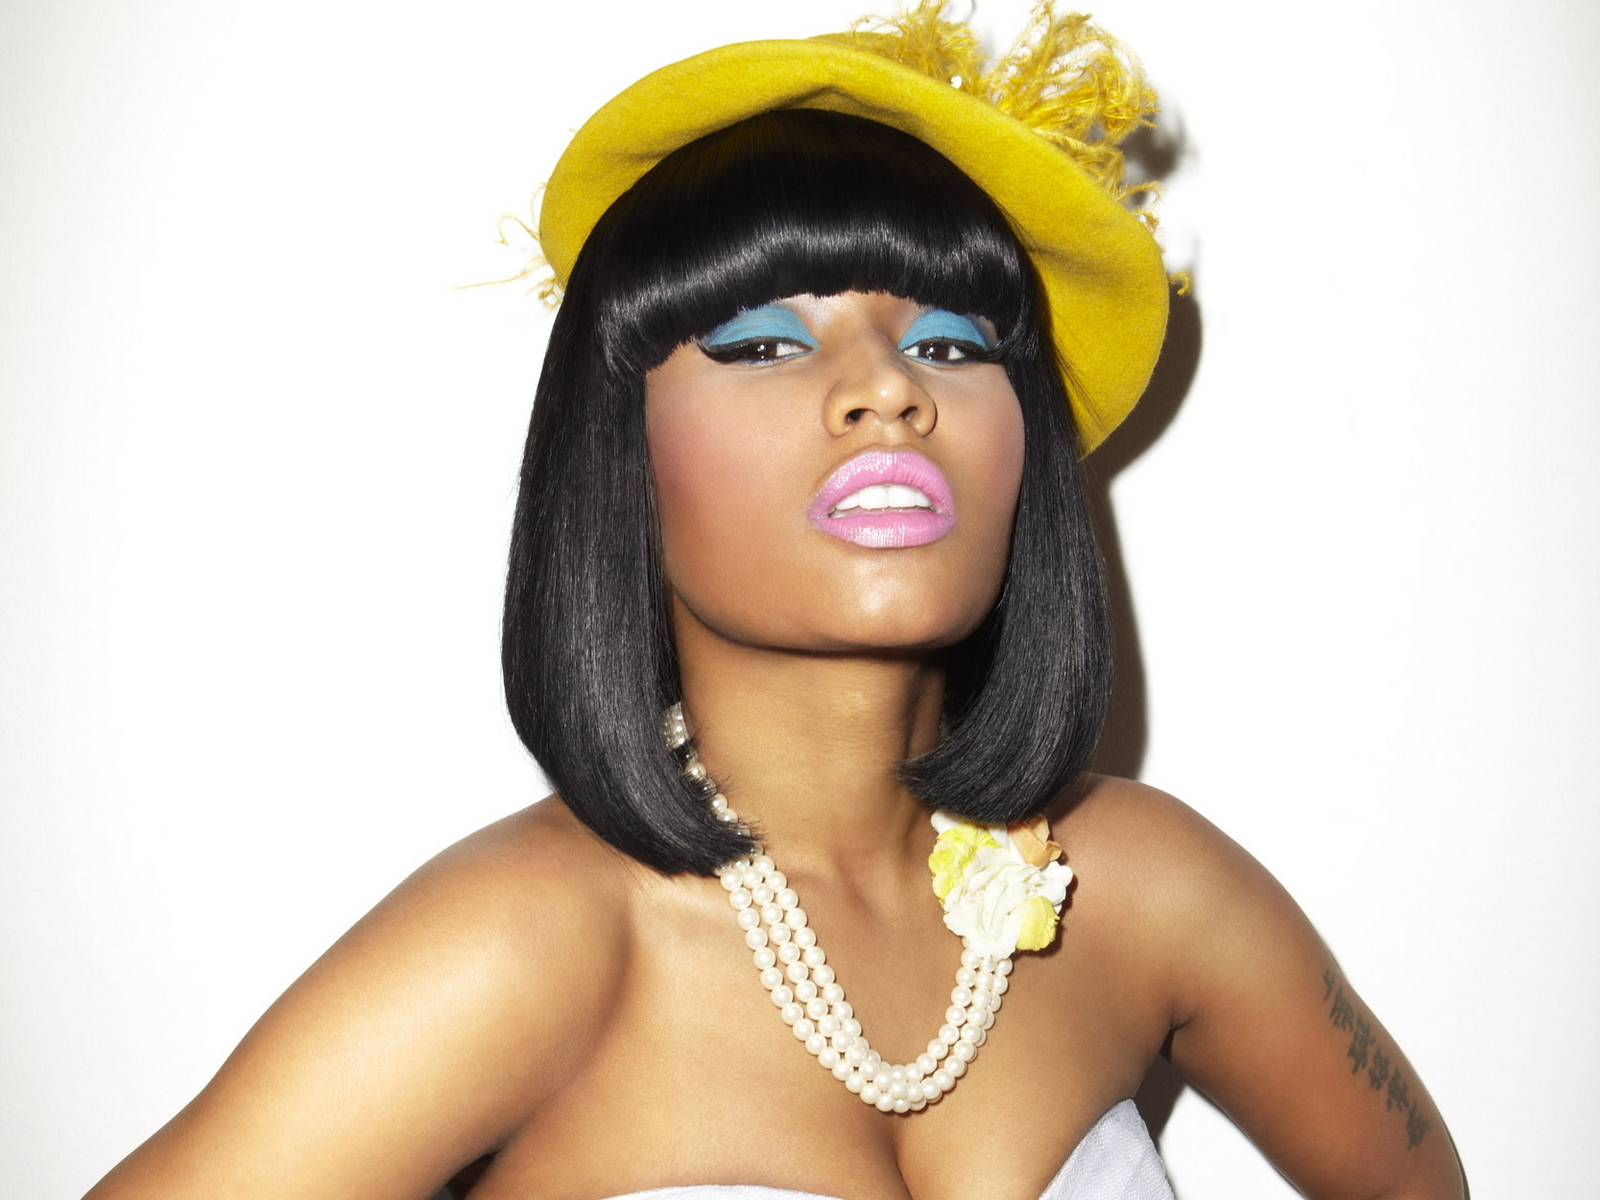 http://4.bp.blogspot.com/-ZDjl44KkuNI/T8N23L5dd3I/AAAAAAAAAPA/S5OZKH6mPew/s1600/Nicki+Minaj+wallpapers+10.jpg